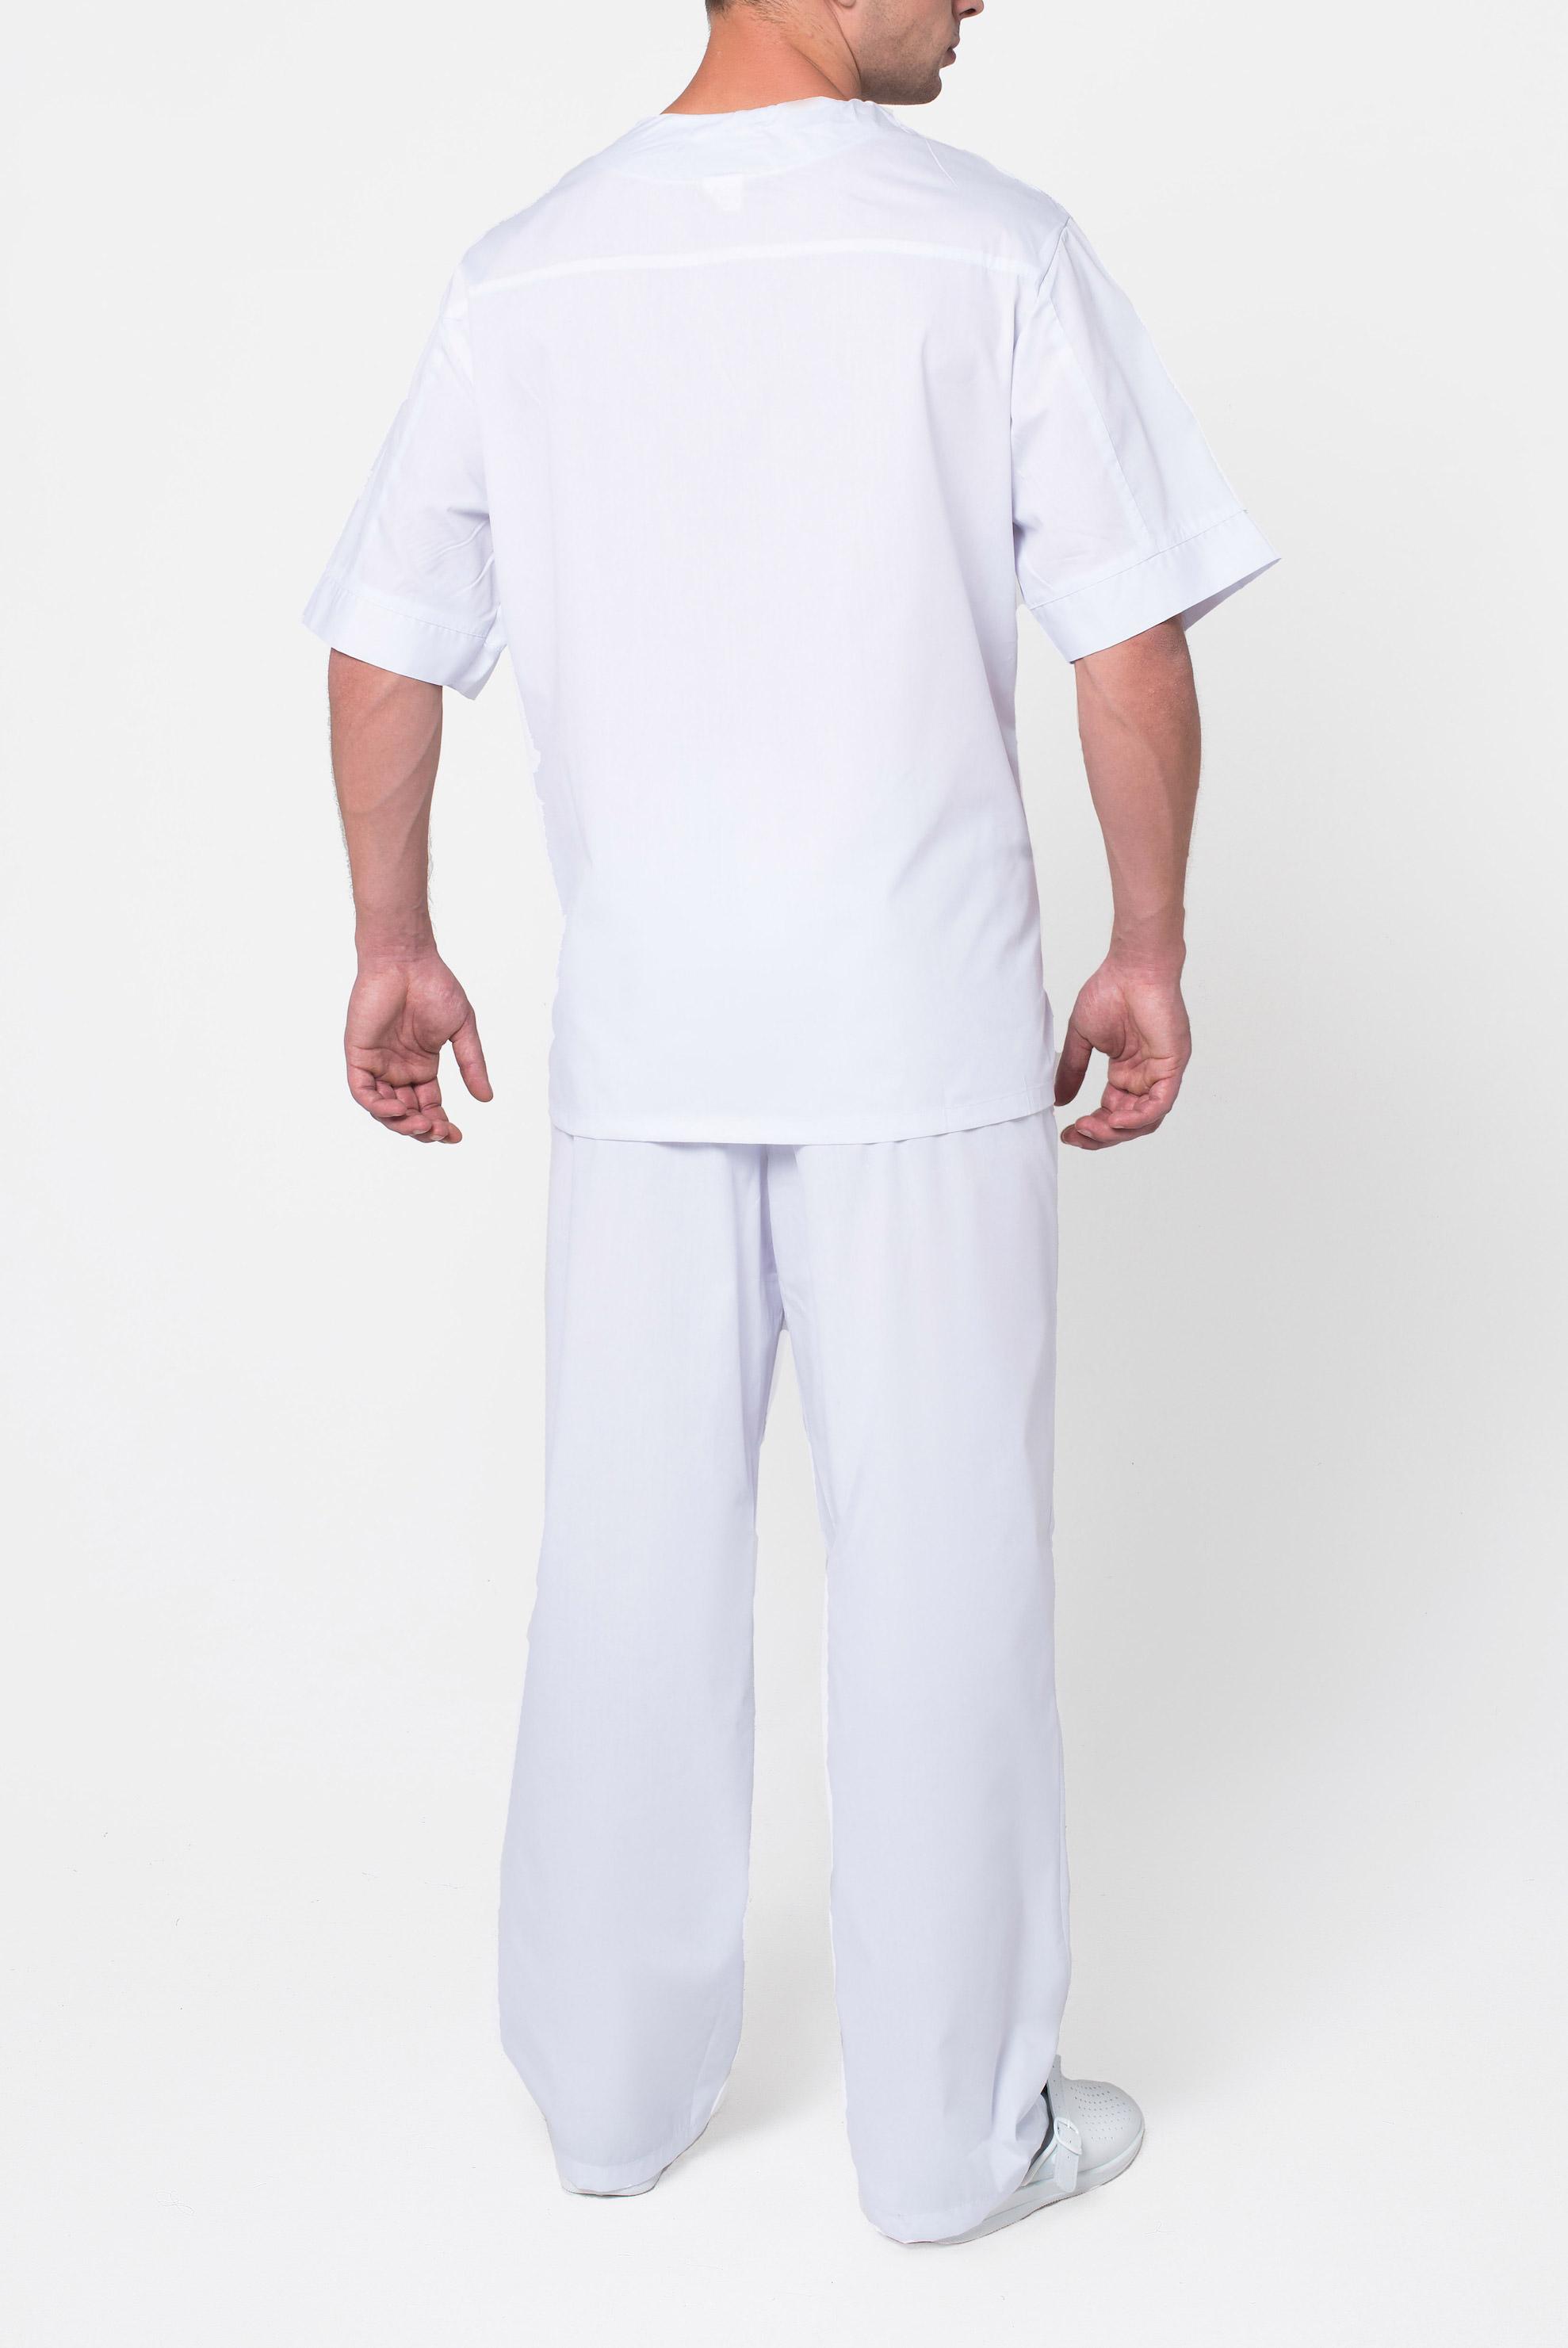 d55bc21149d970 Костюм УНІВЕРСАЛ з брюками, тк.Бязь купити в інтернет магазині СВАН